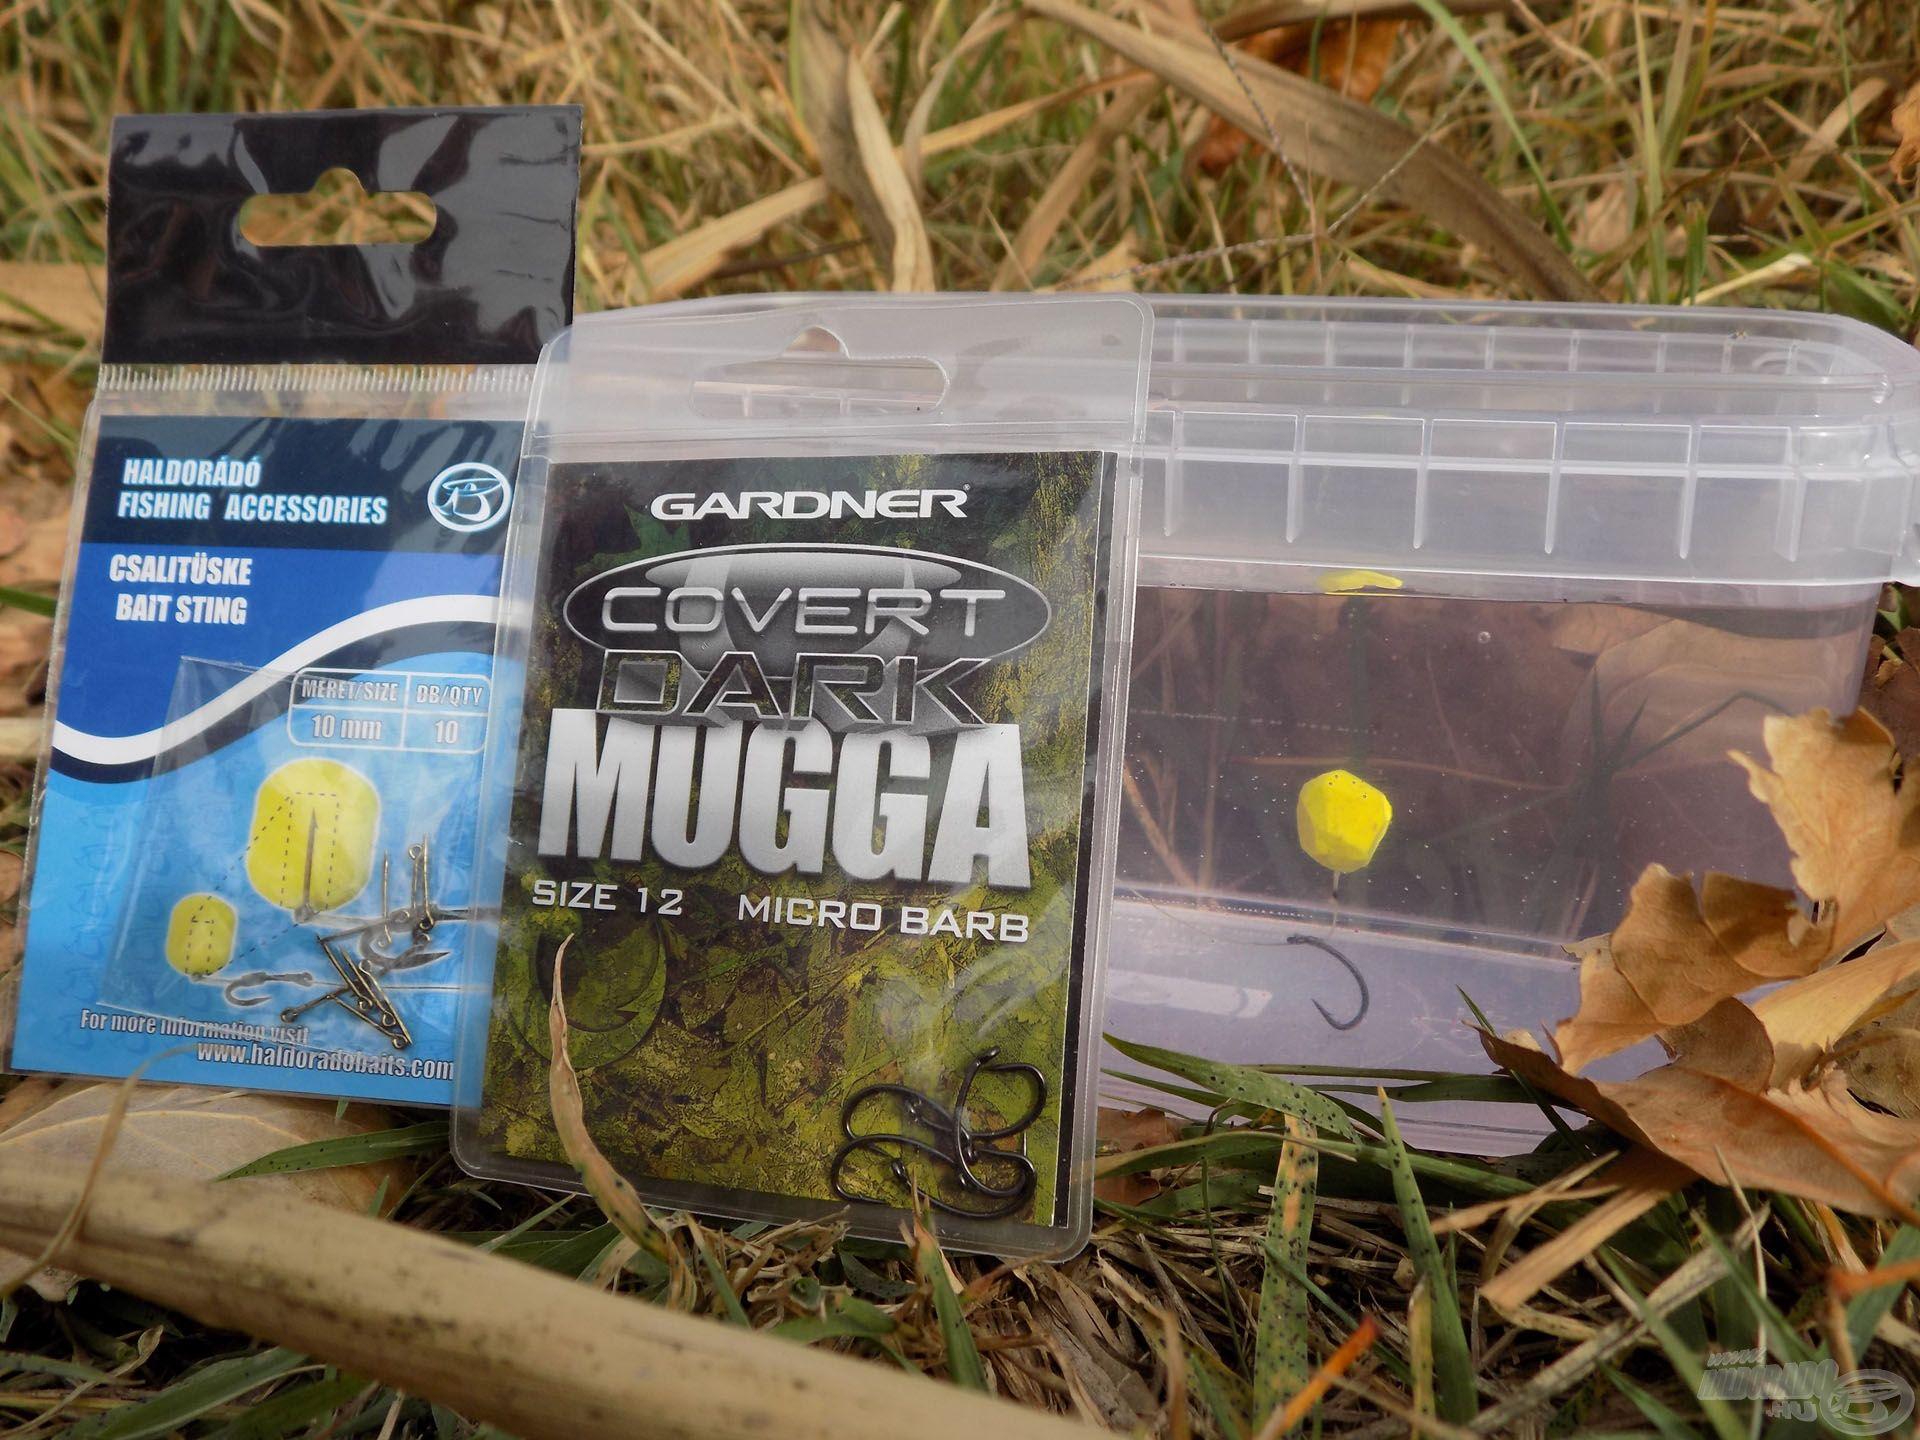 Faragott, közepes méretű csalikhoz a Gardner Mugga horog 10 mm-es csalitüskével felvértezve az ideális választás. Apropó faragott csalik: szinte nélkülözhetetlenek hideg vízi horgászataim során. Az oldódó-lebegő csalik működését rendszerint faragással teszem még gyorsabbá. A hatás döbbenetes!